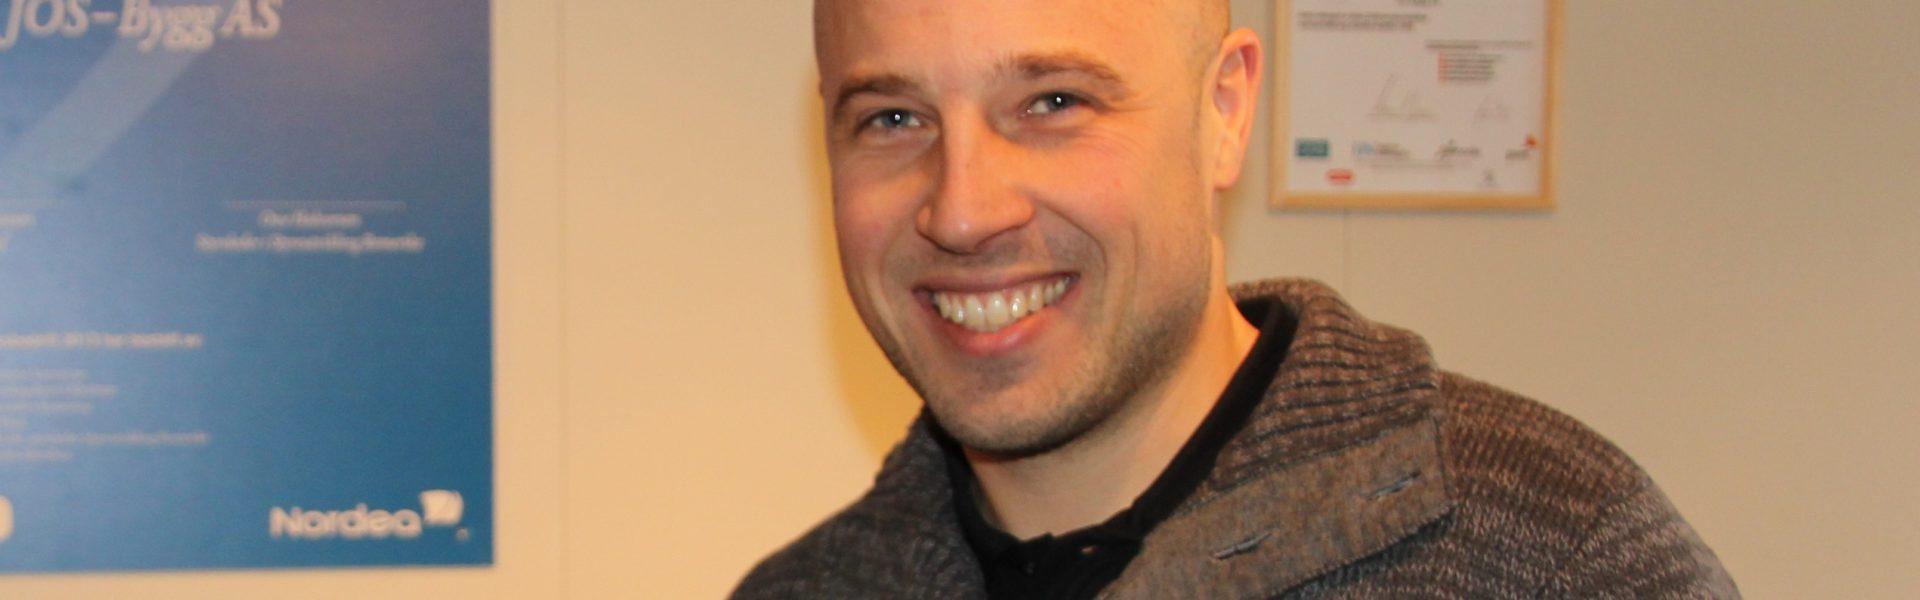 Tømrermester Steffen Dahlen